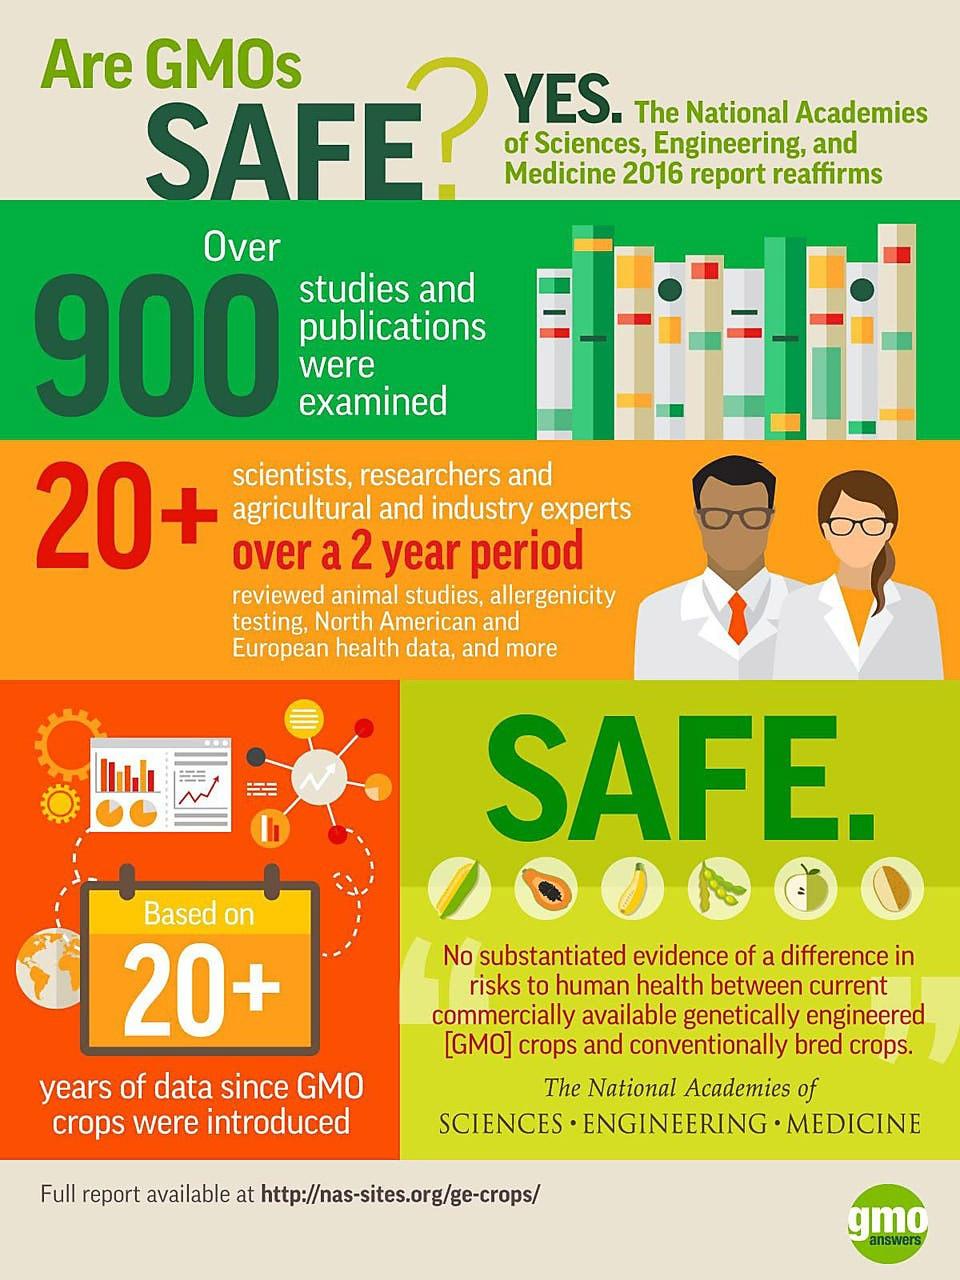 В развитых странах давно идёт рекламная кампания по скрытной популяризации ГМО-продукции.